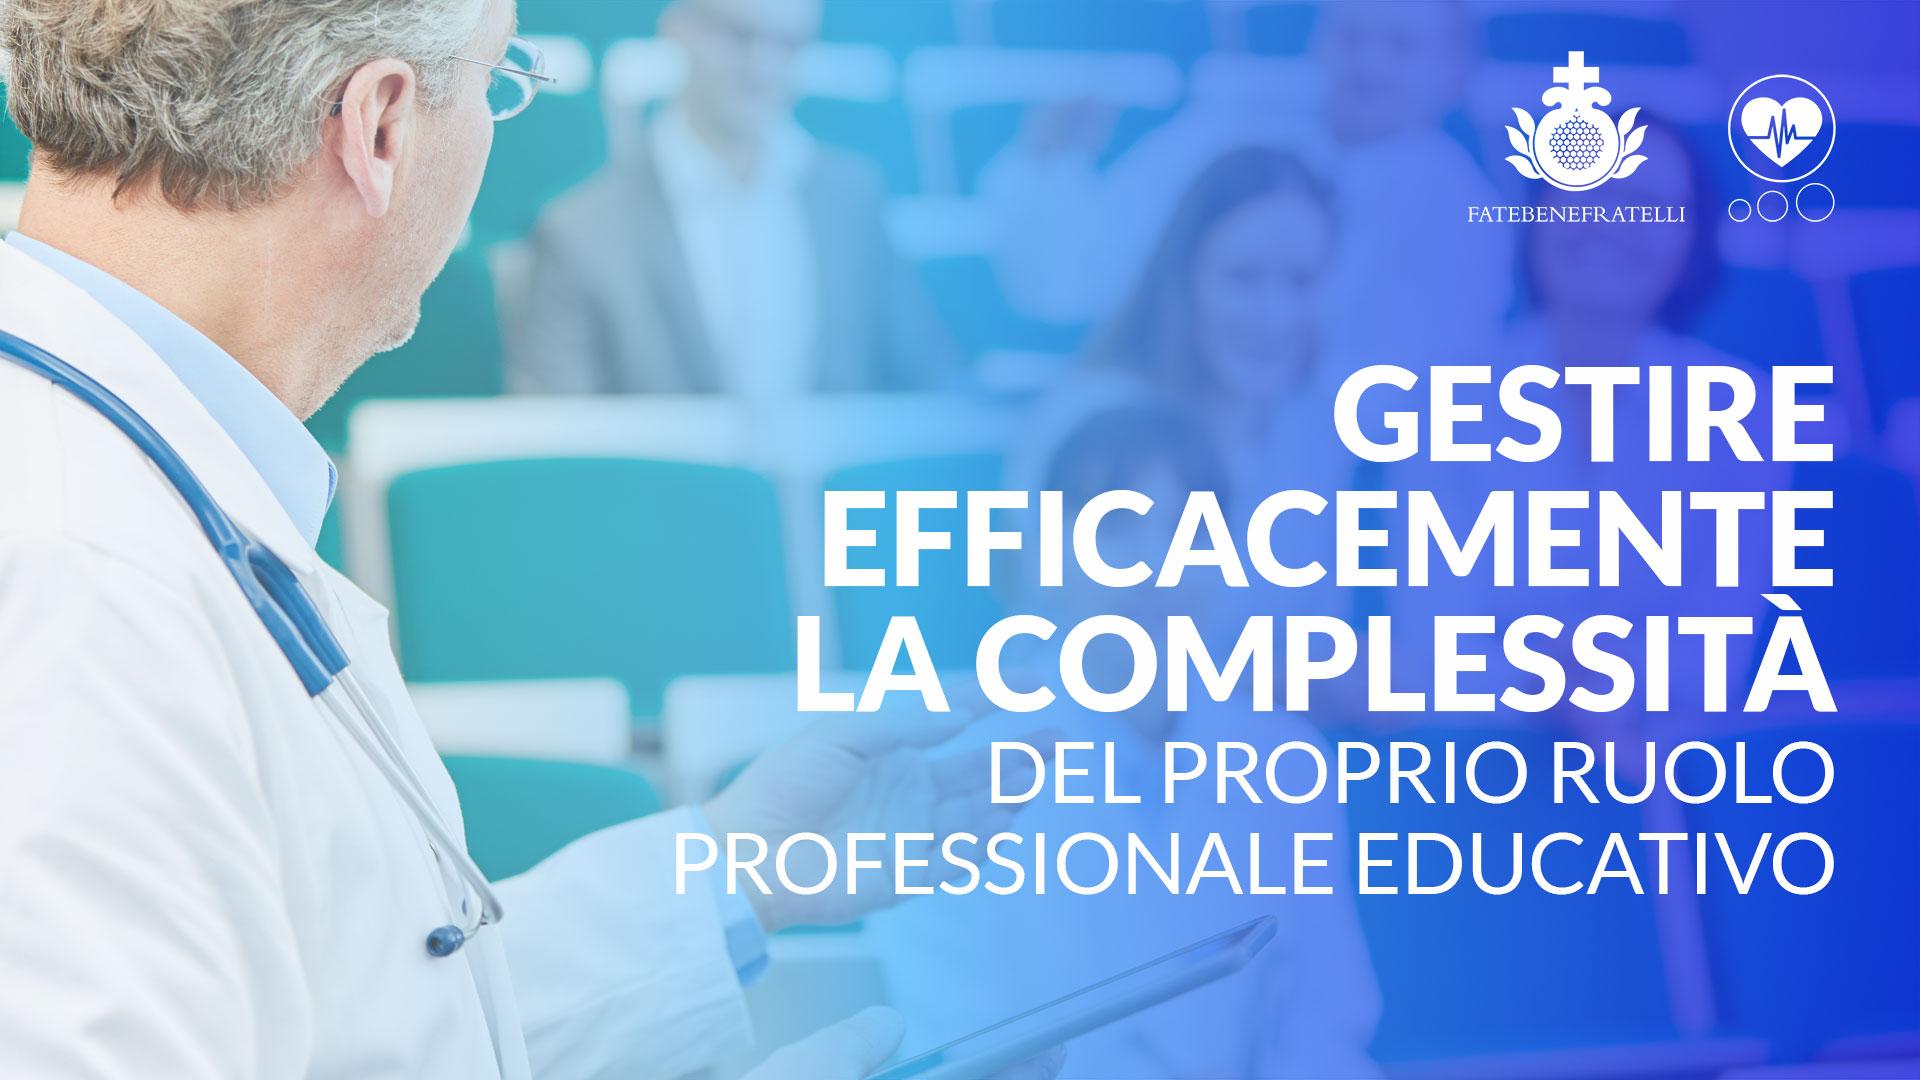 Gestire efficacemente la complessità del proprio ruolo professionale educativo